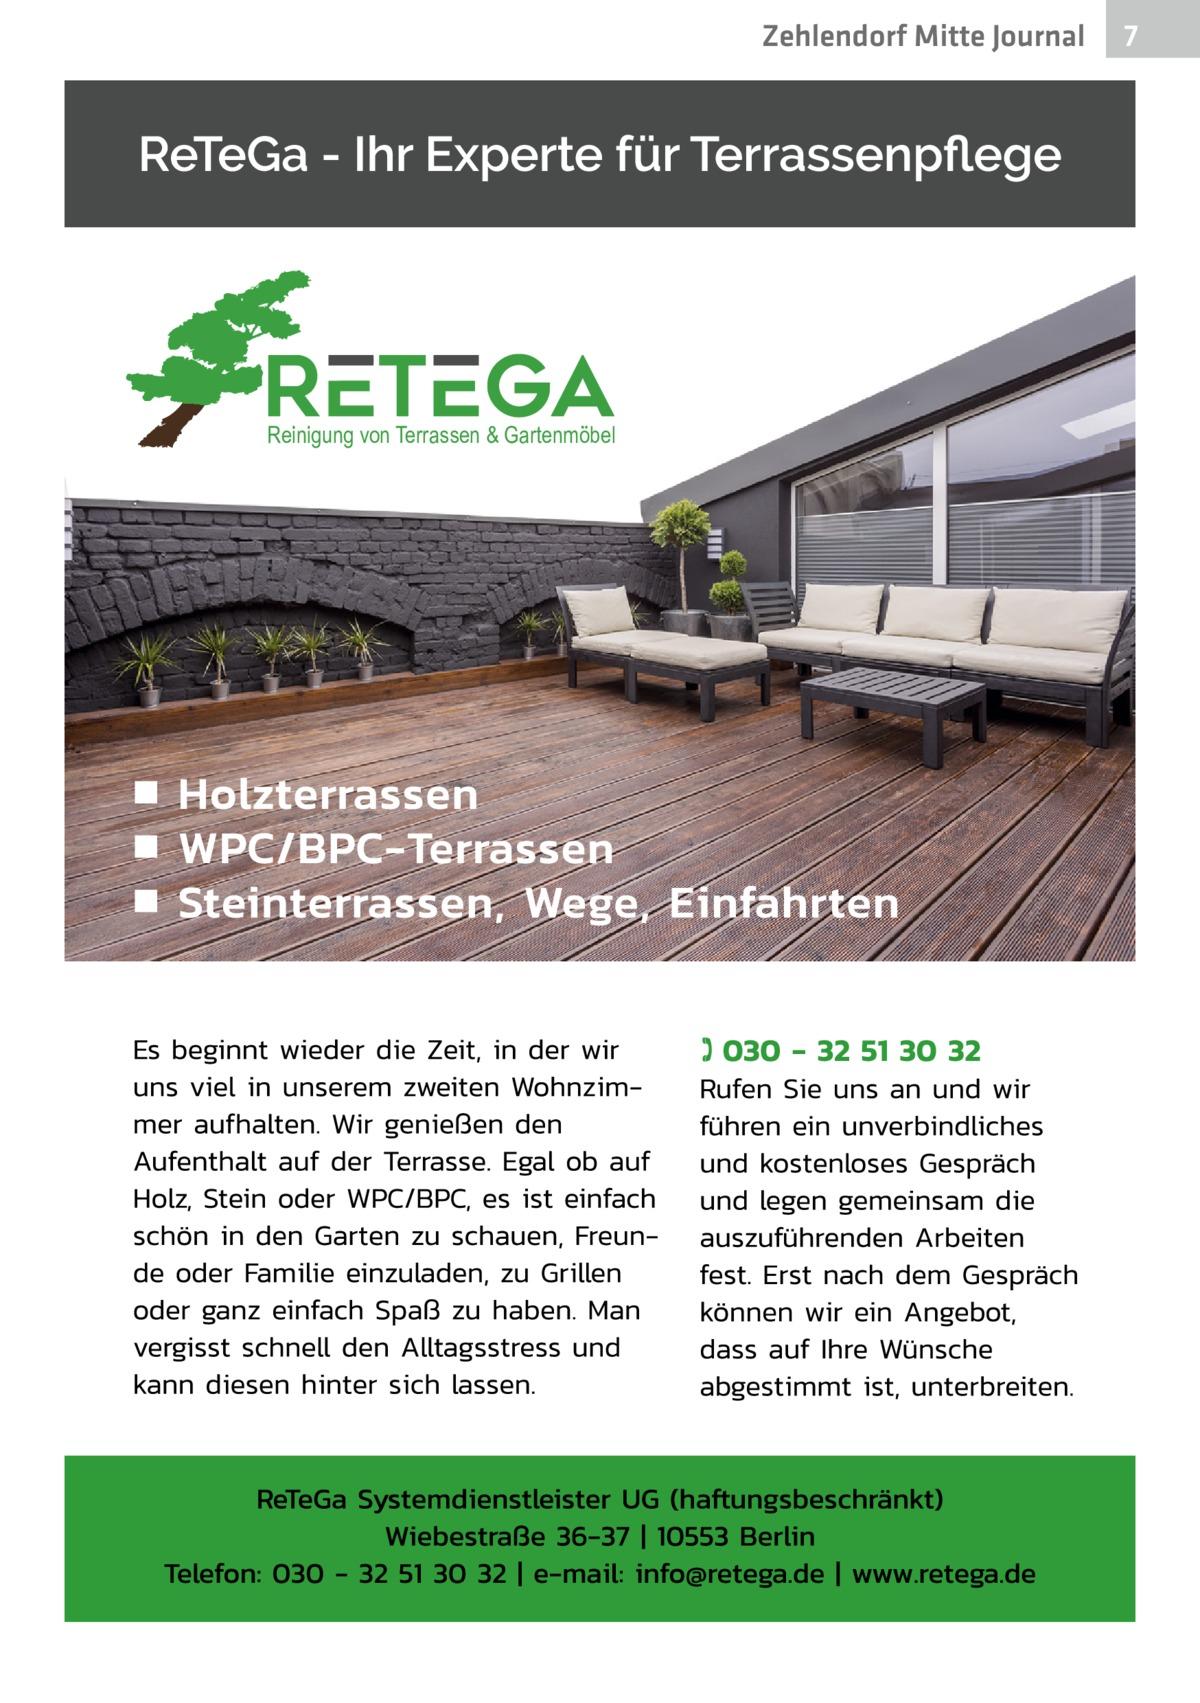 Zehlendorf Mitte Journal  Reinigung von Terrassen & Gartenmöbel  7